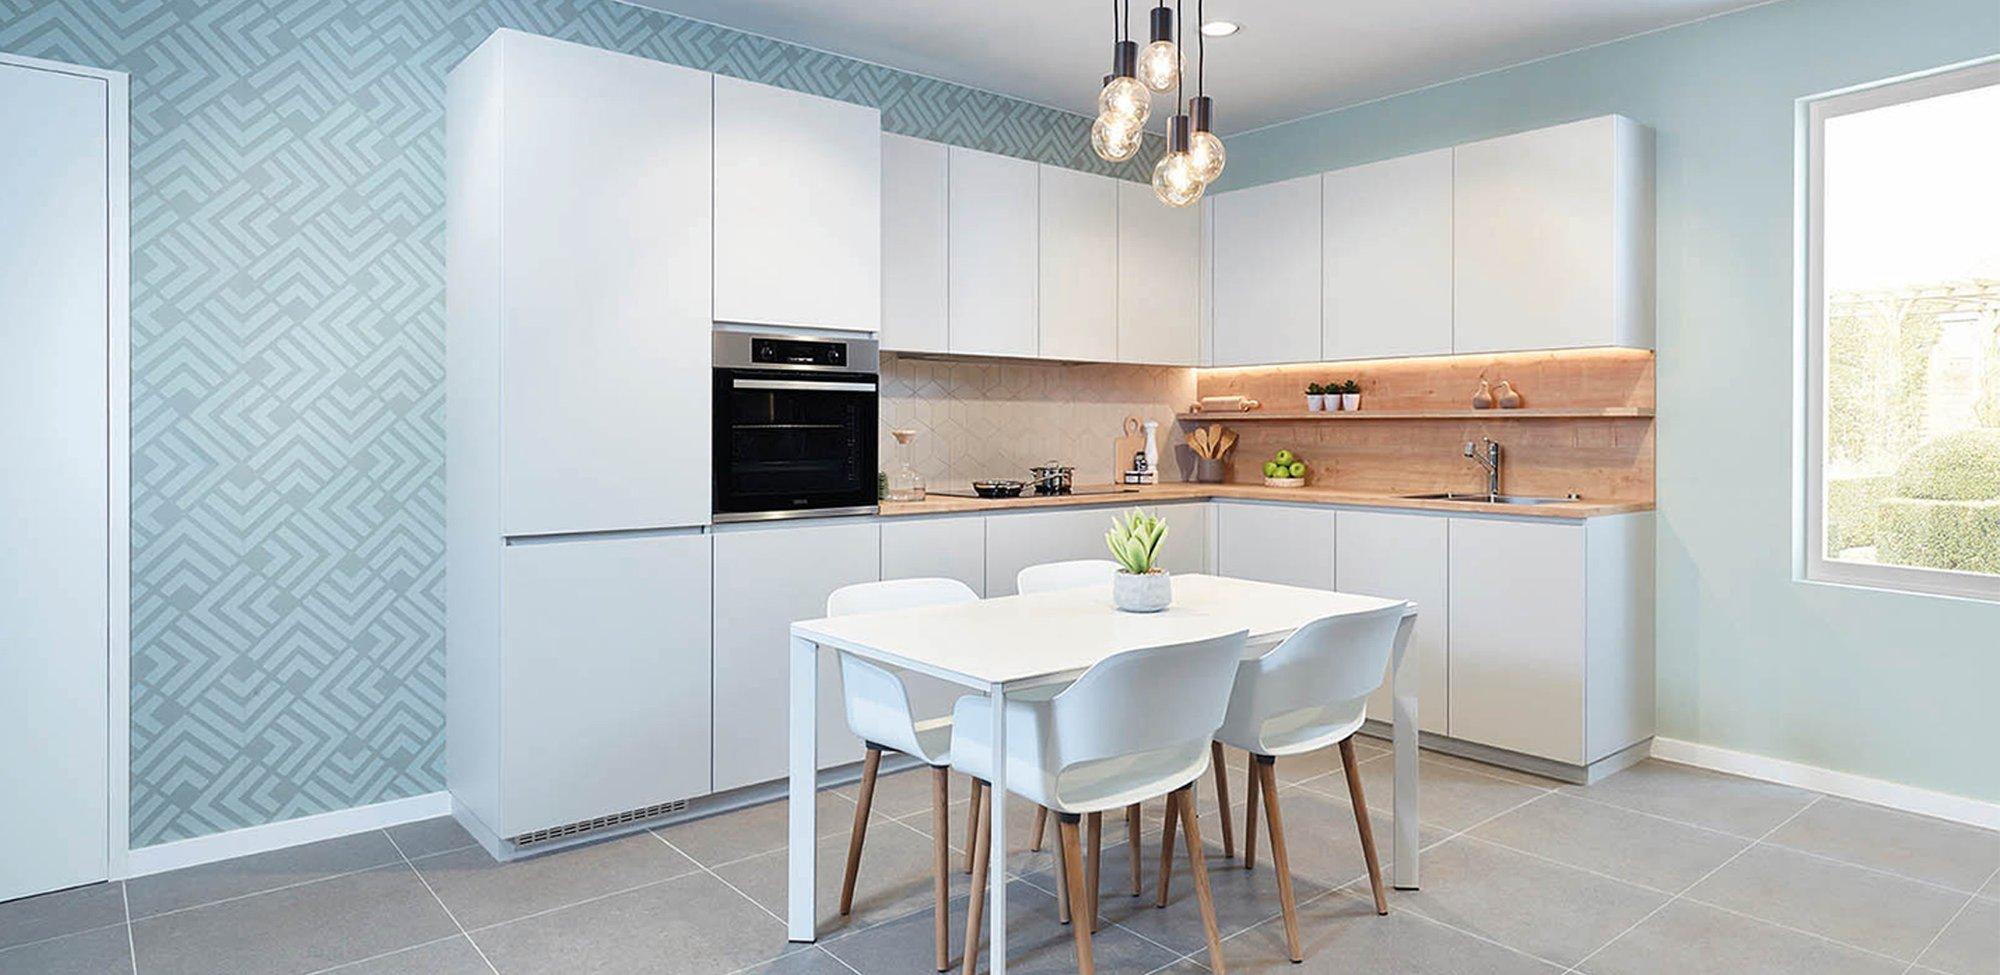 Moderne L-keuken - Model Design